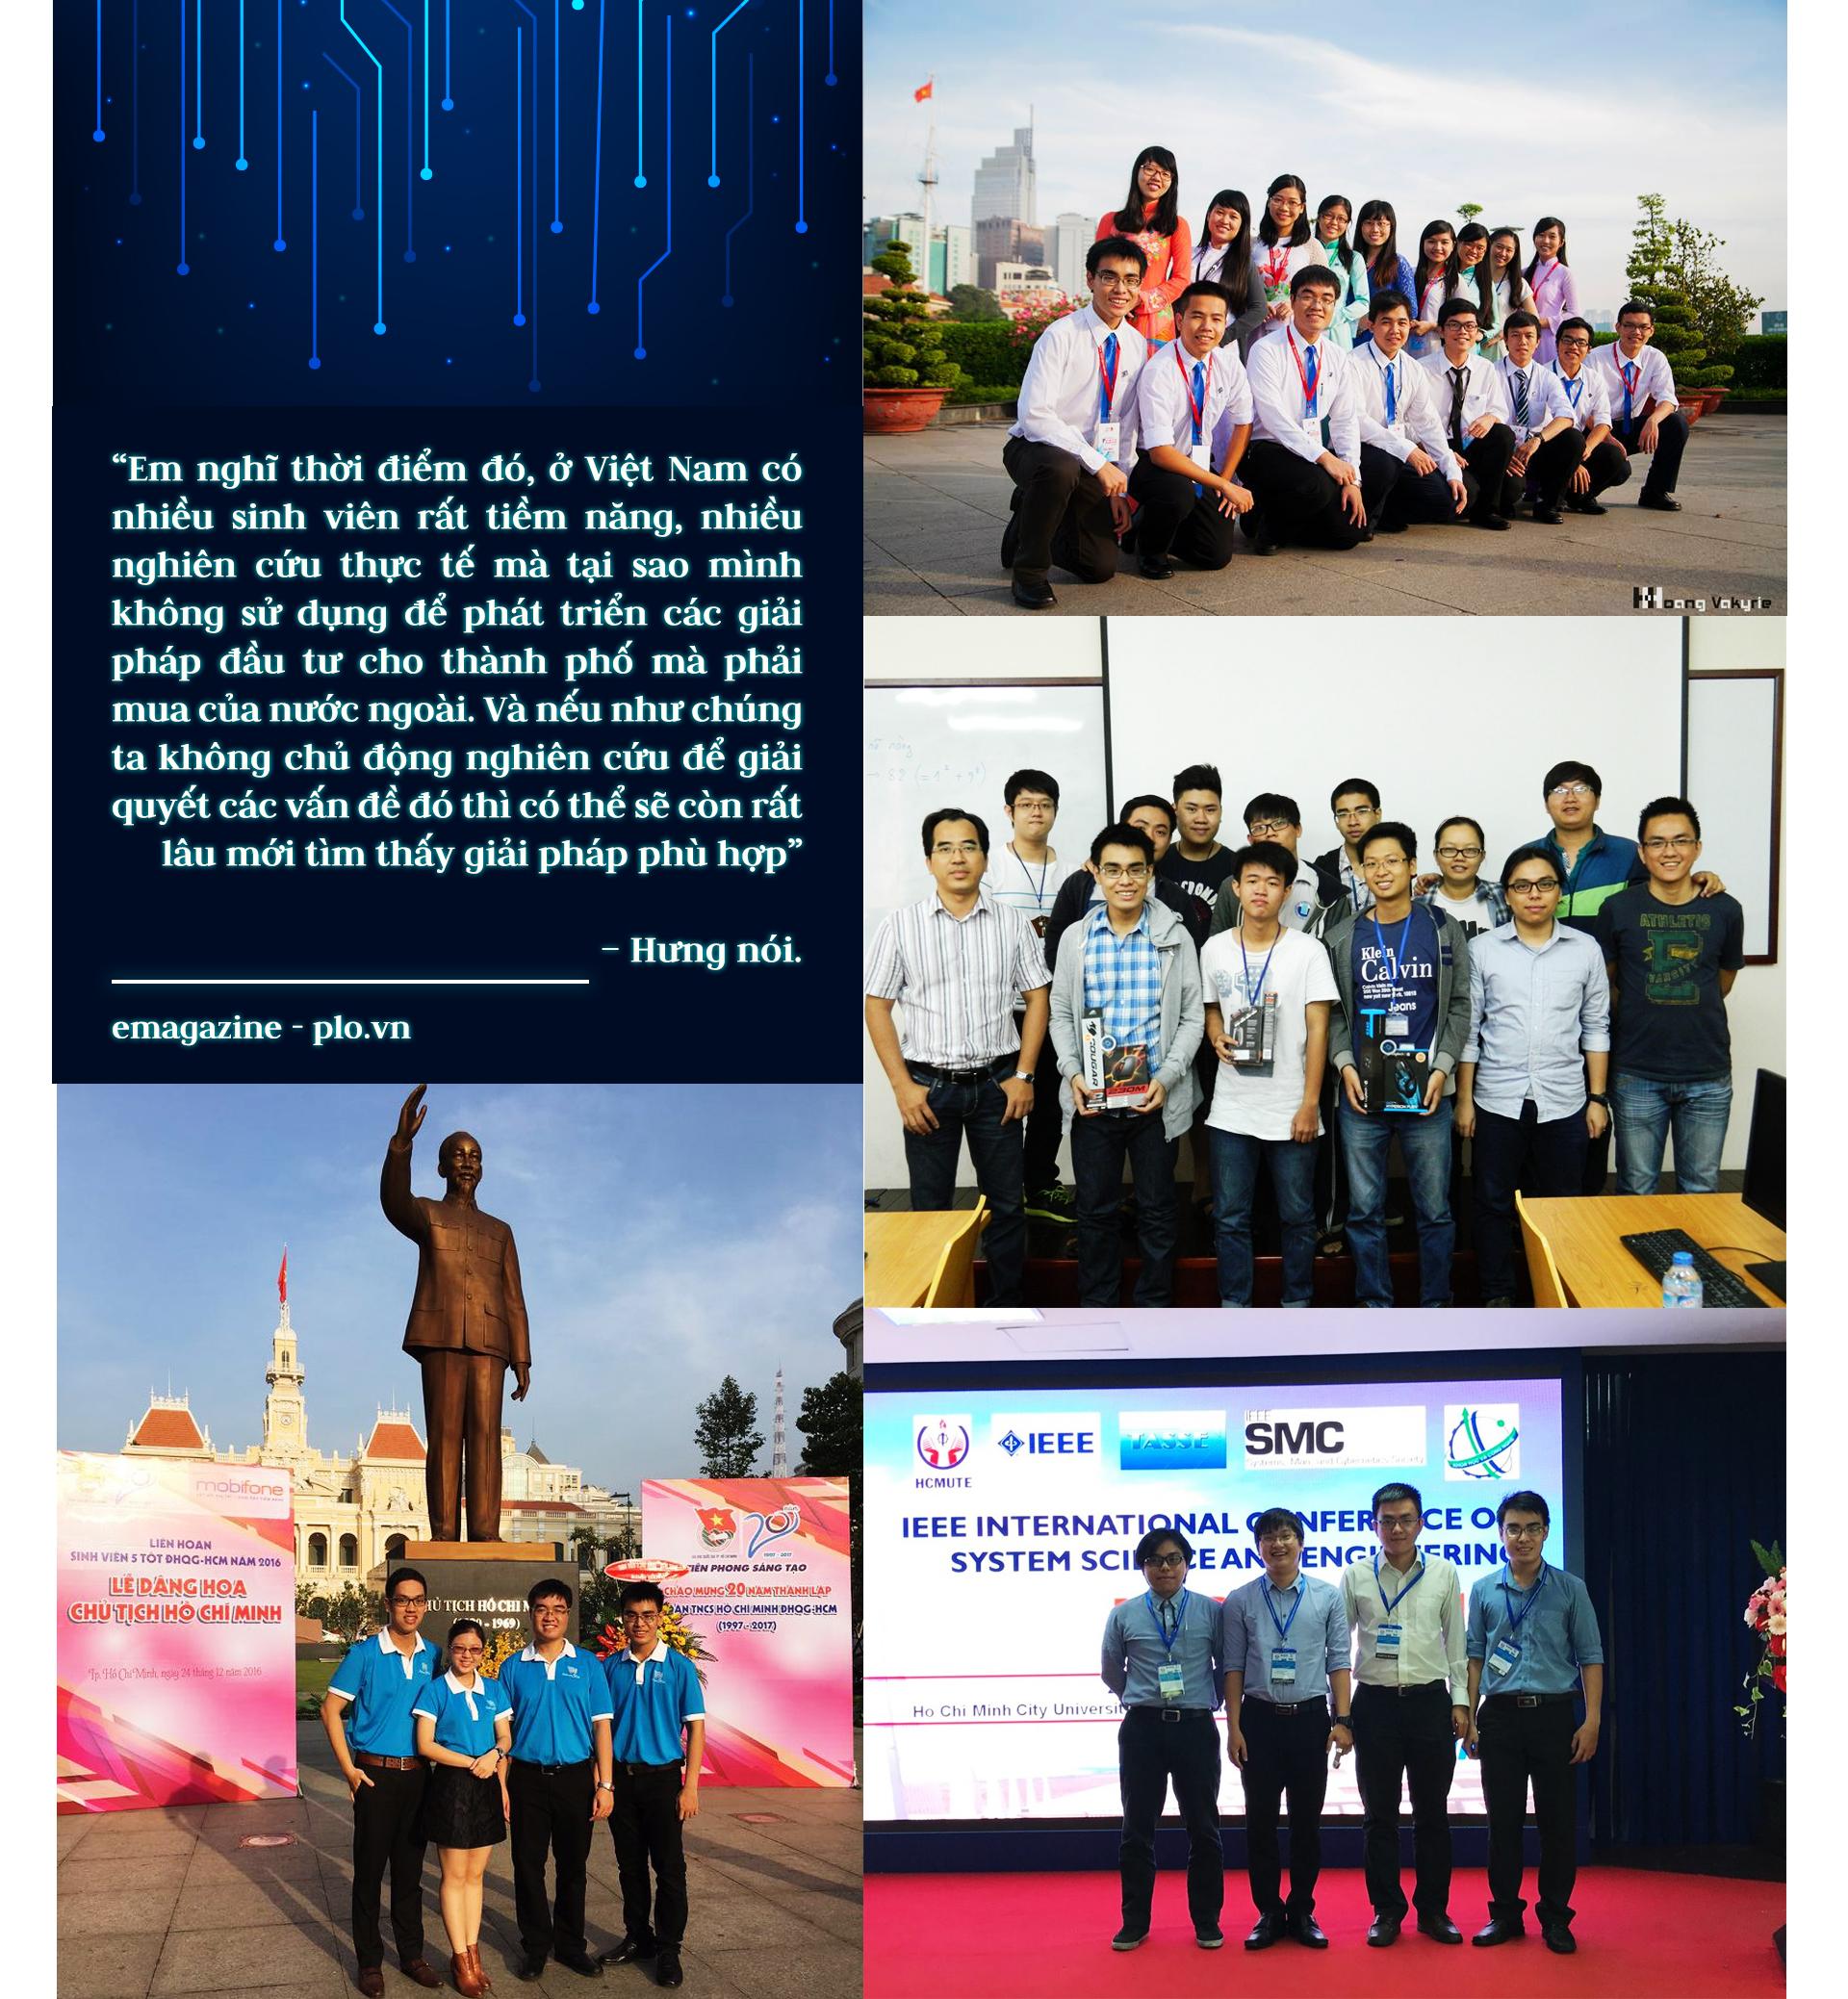 Nam thủ khoa và khát vọng 'người Việt dùng công nghệ Việt' - ảnh 10